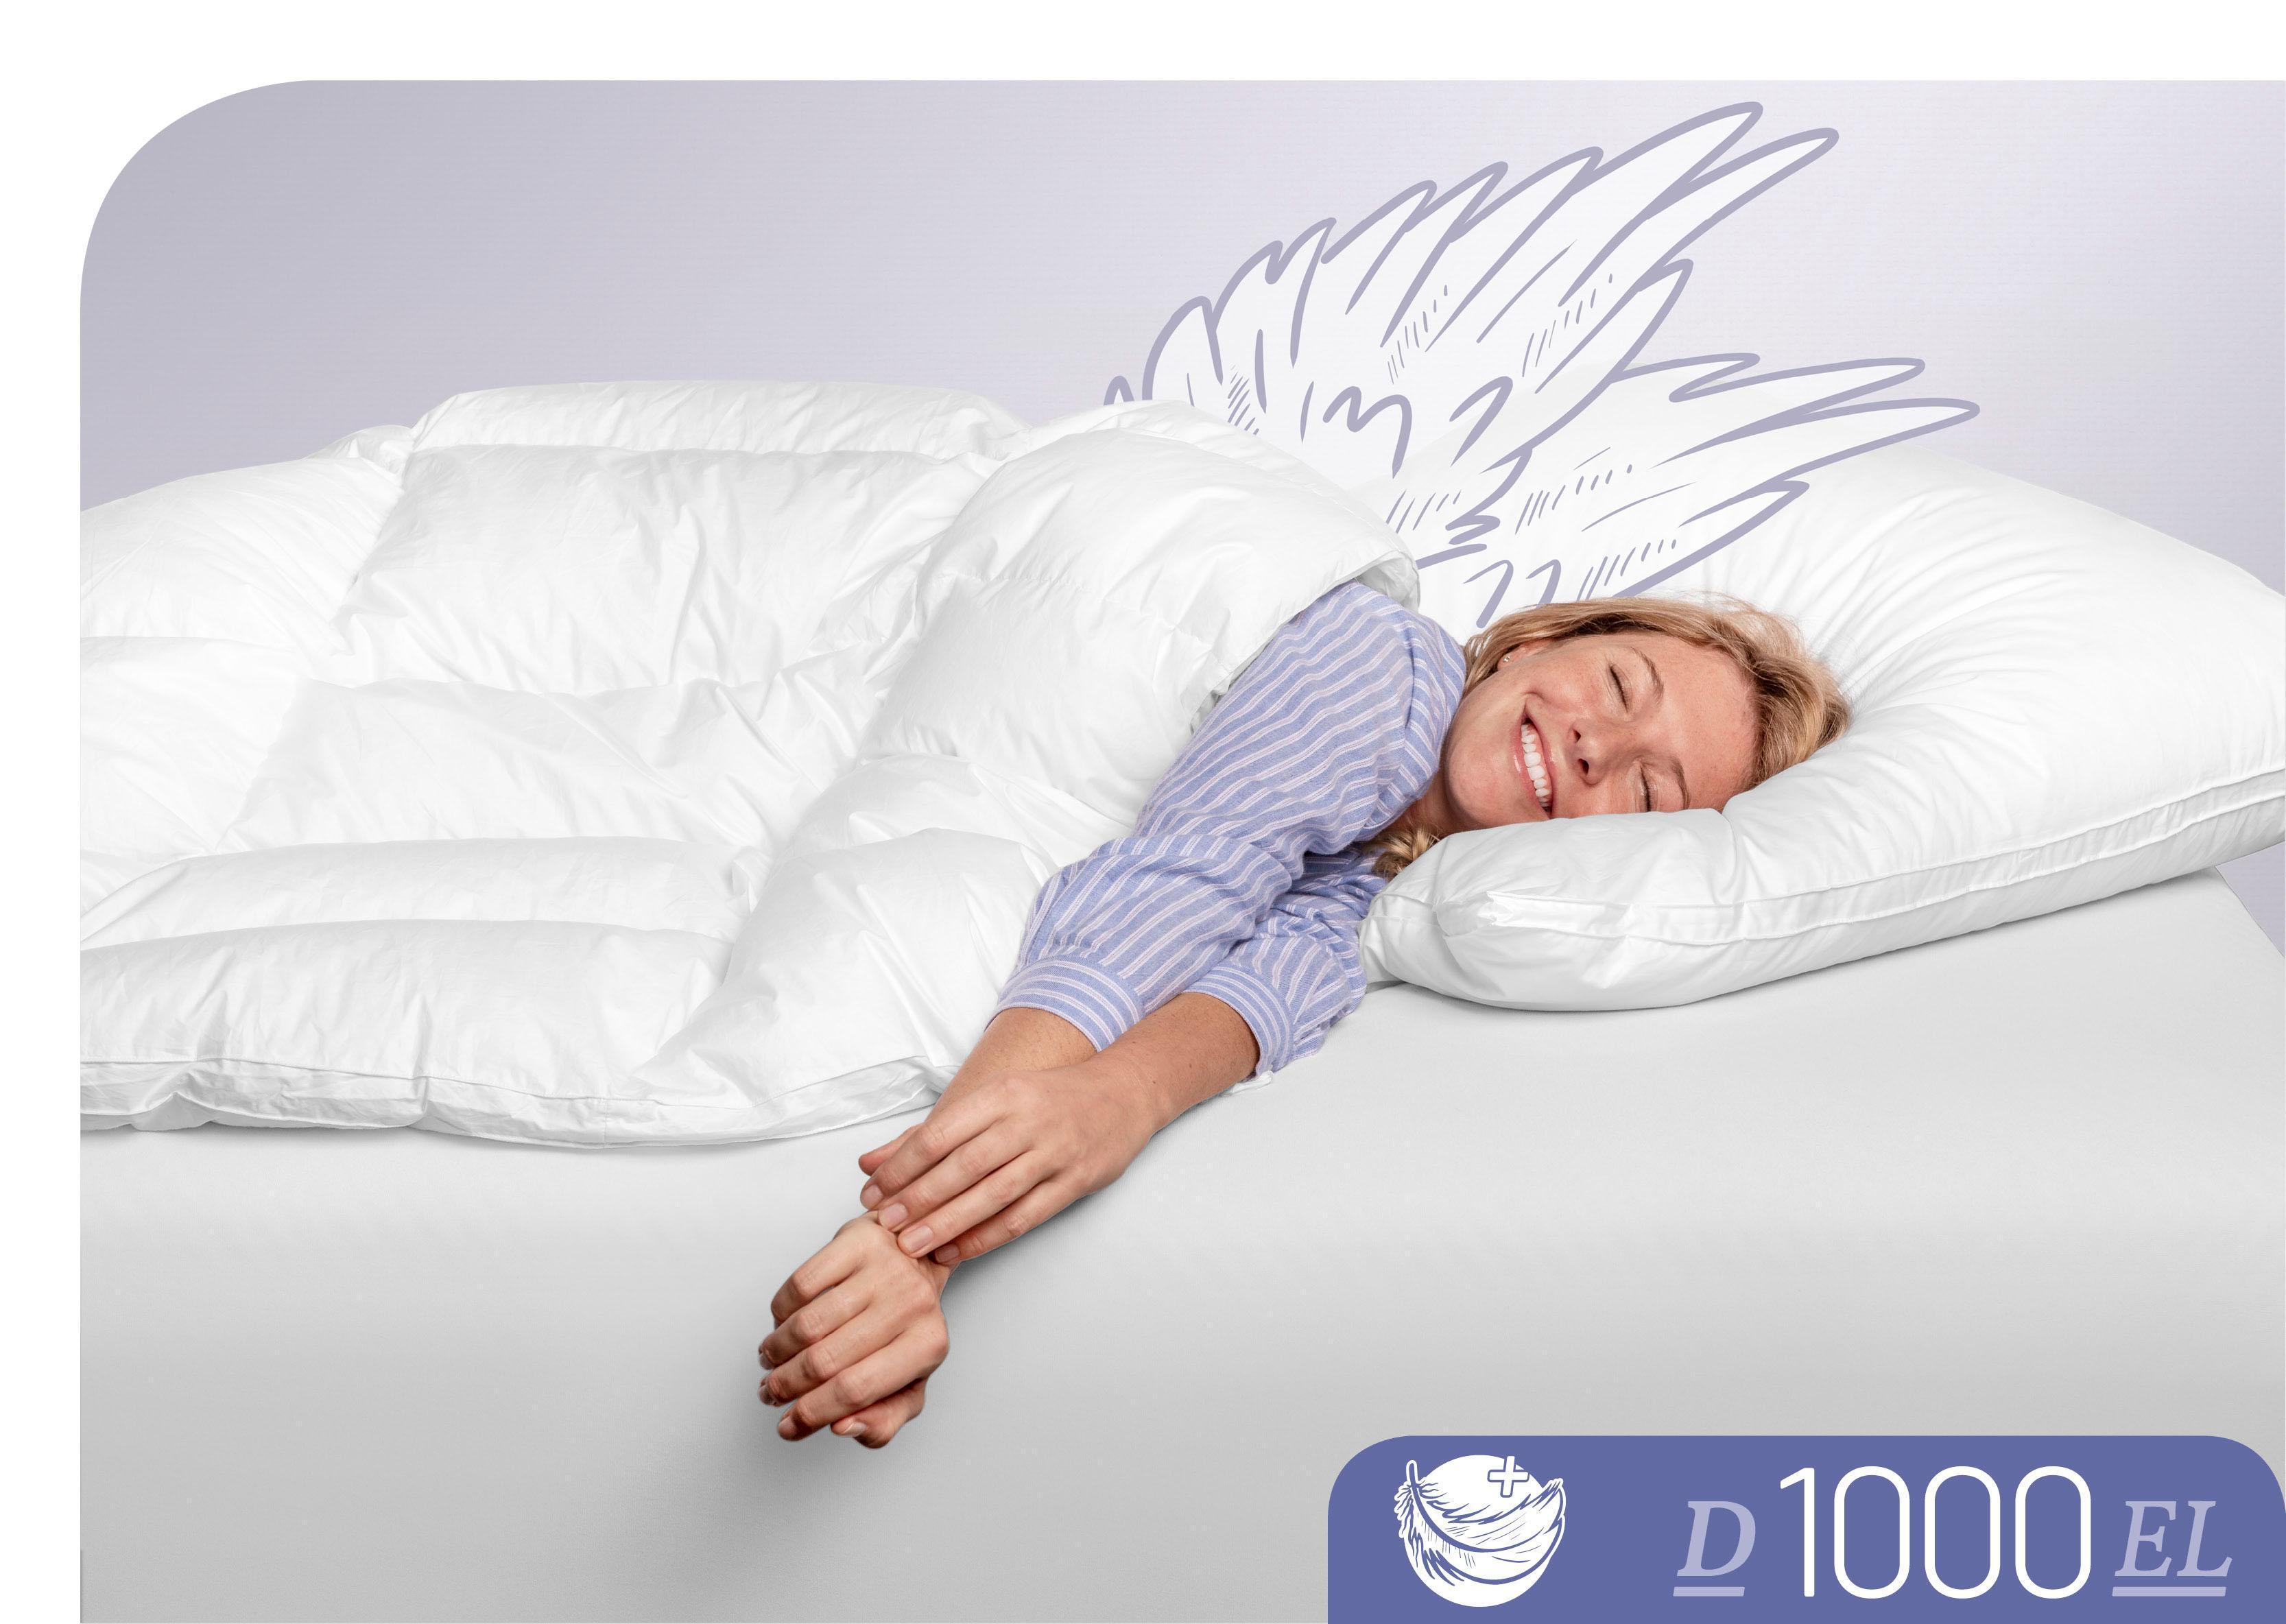 Daunenbettdecke D1000 Schlafstil extraleicht Füllung: 100 % Eiderdaune